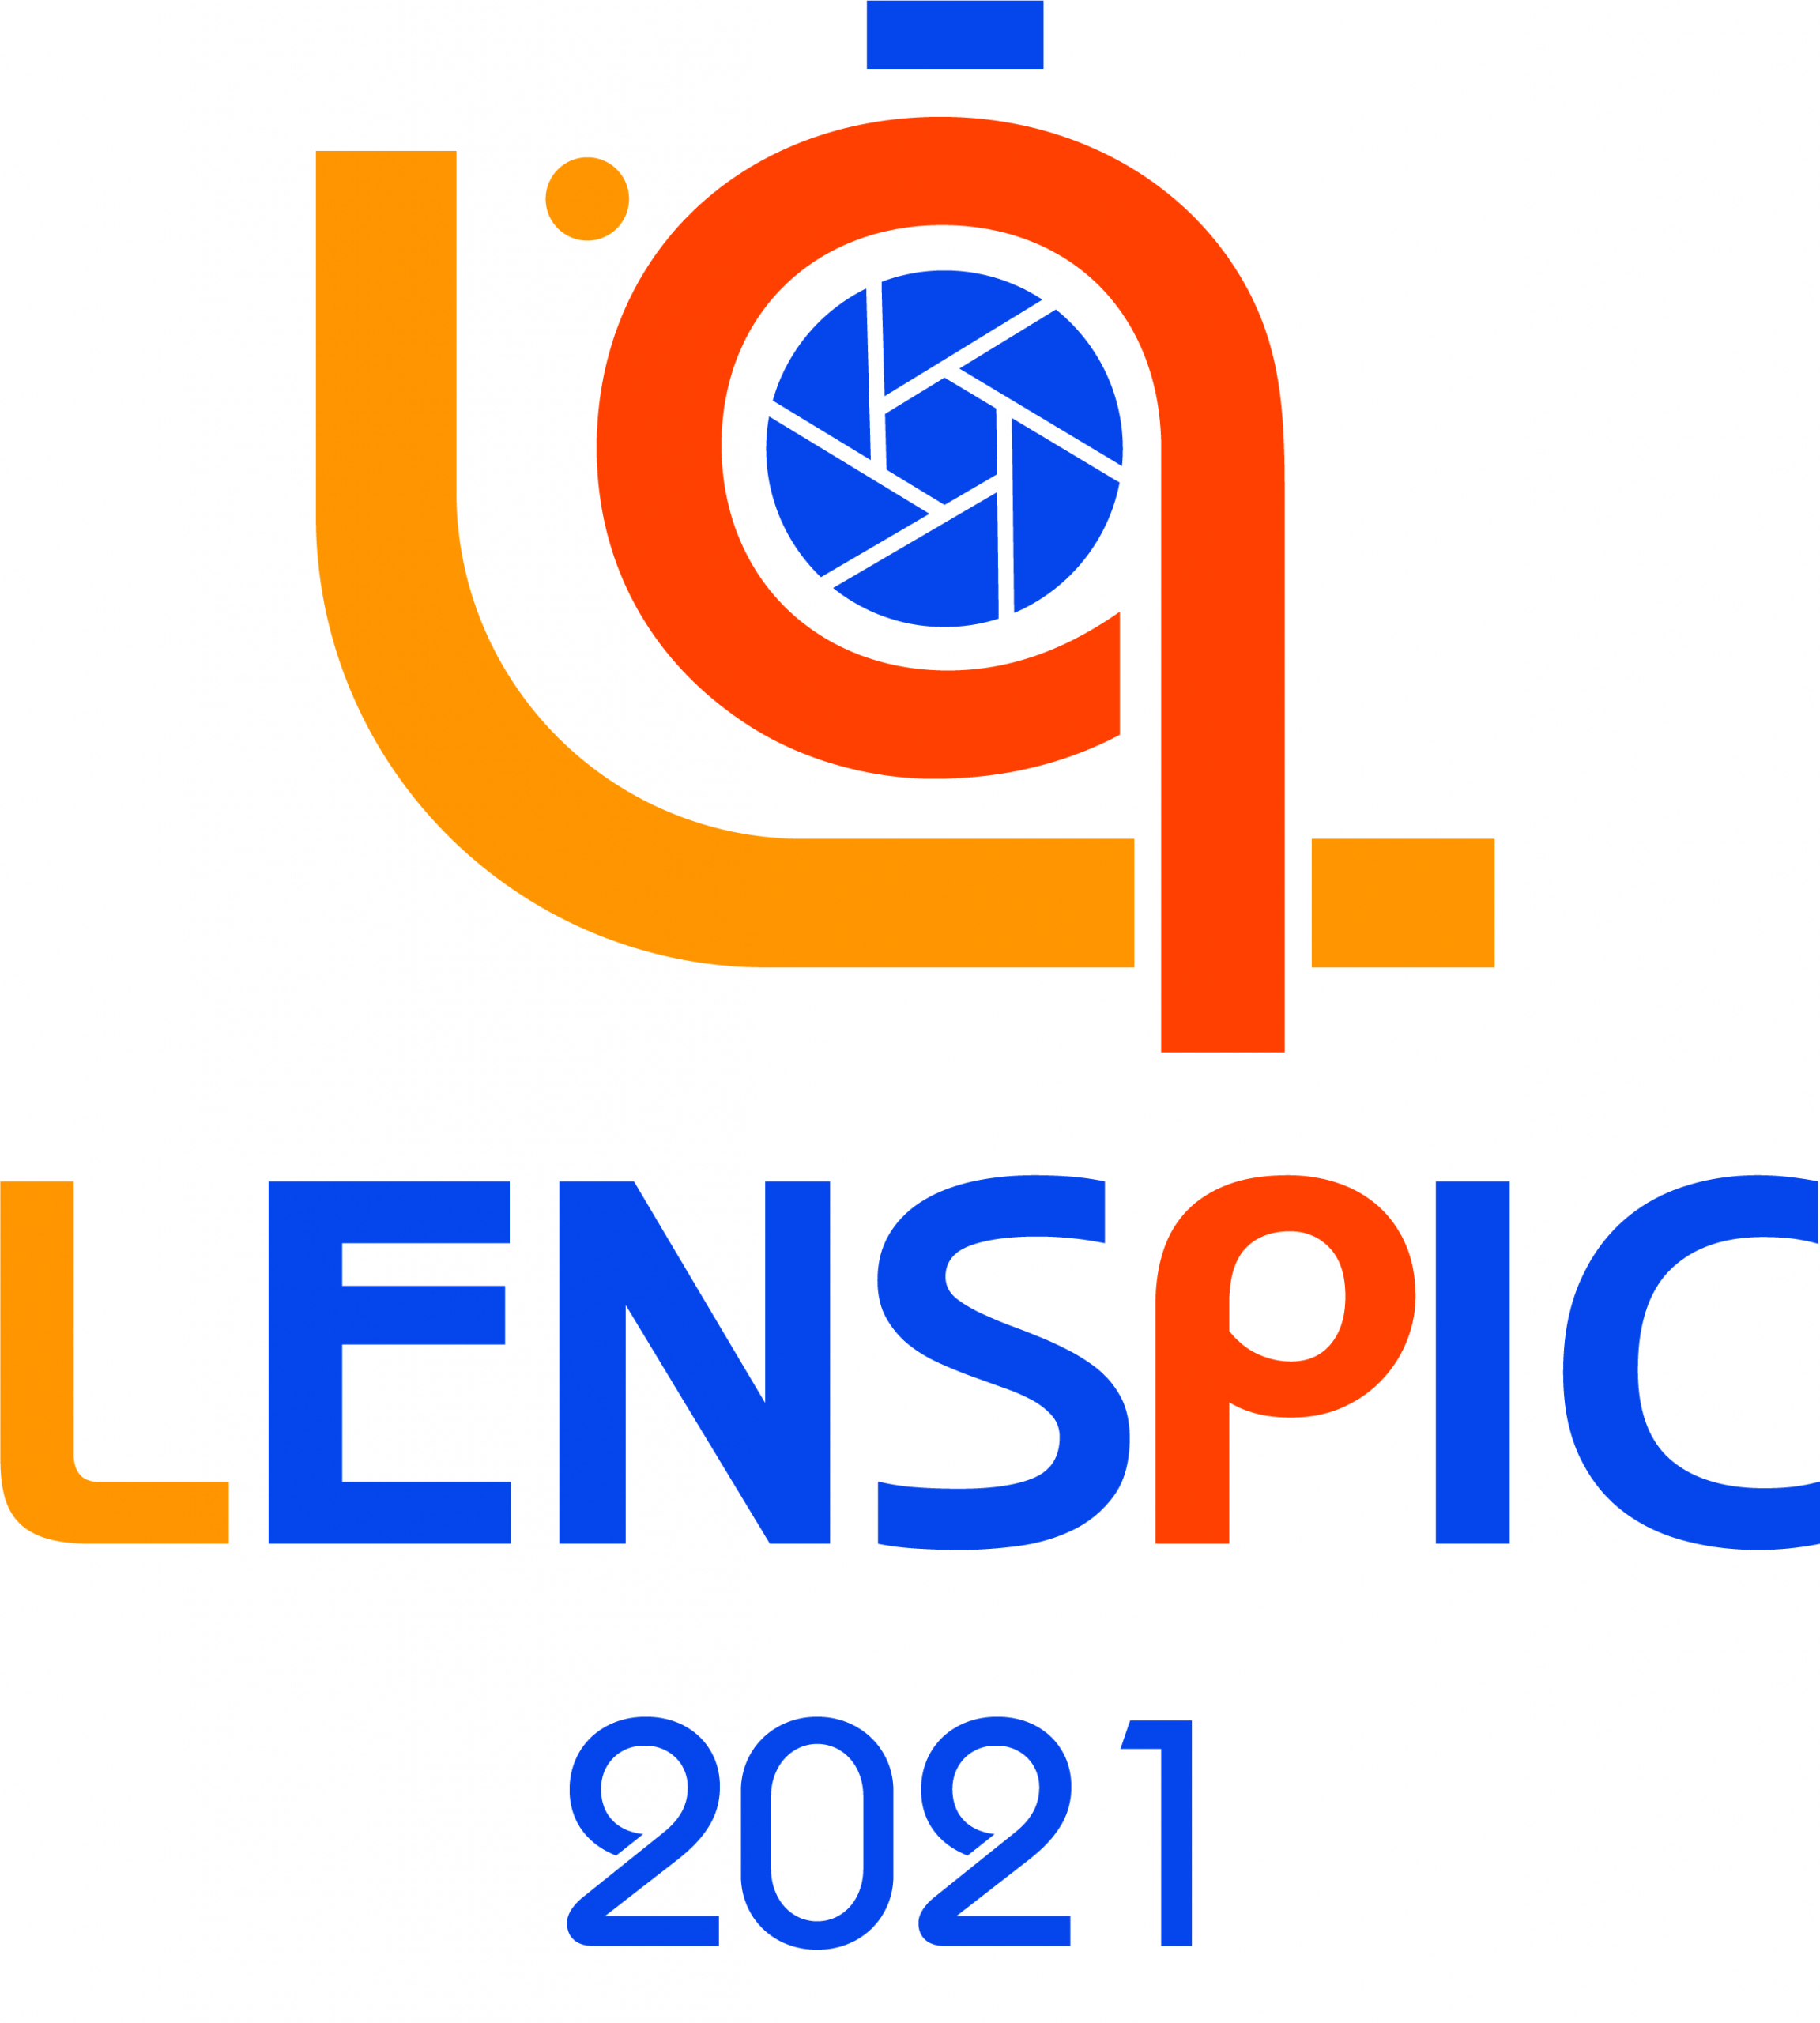 LensPic 2021